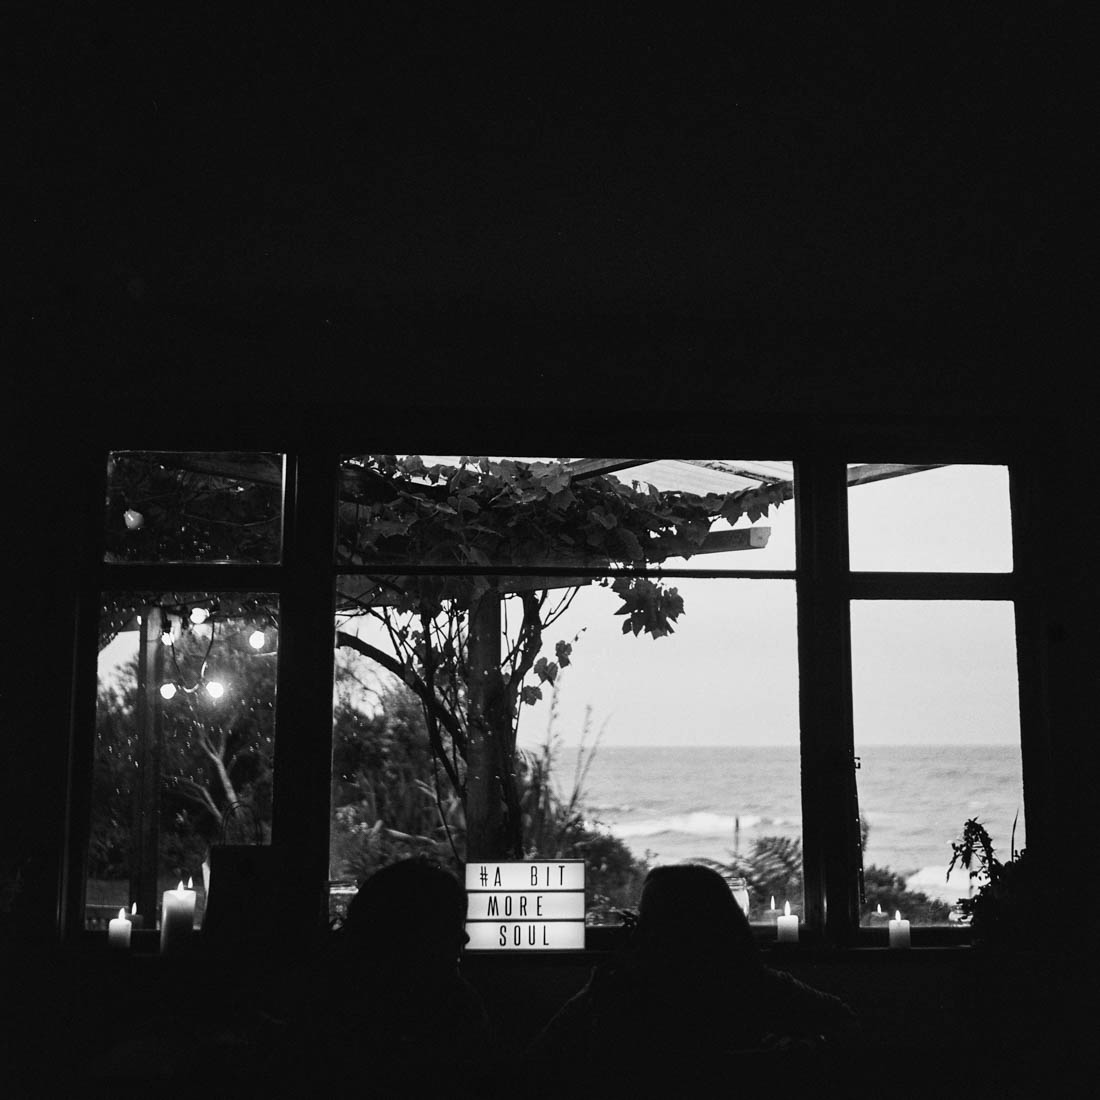 a-bit-more-soul-2014-11